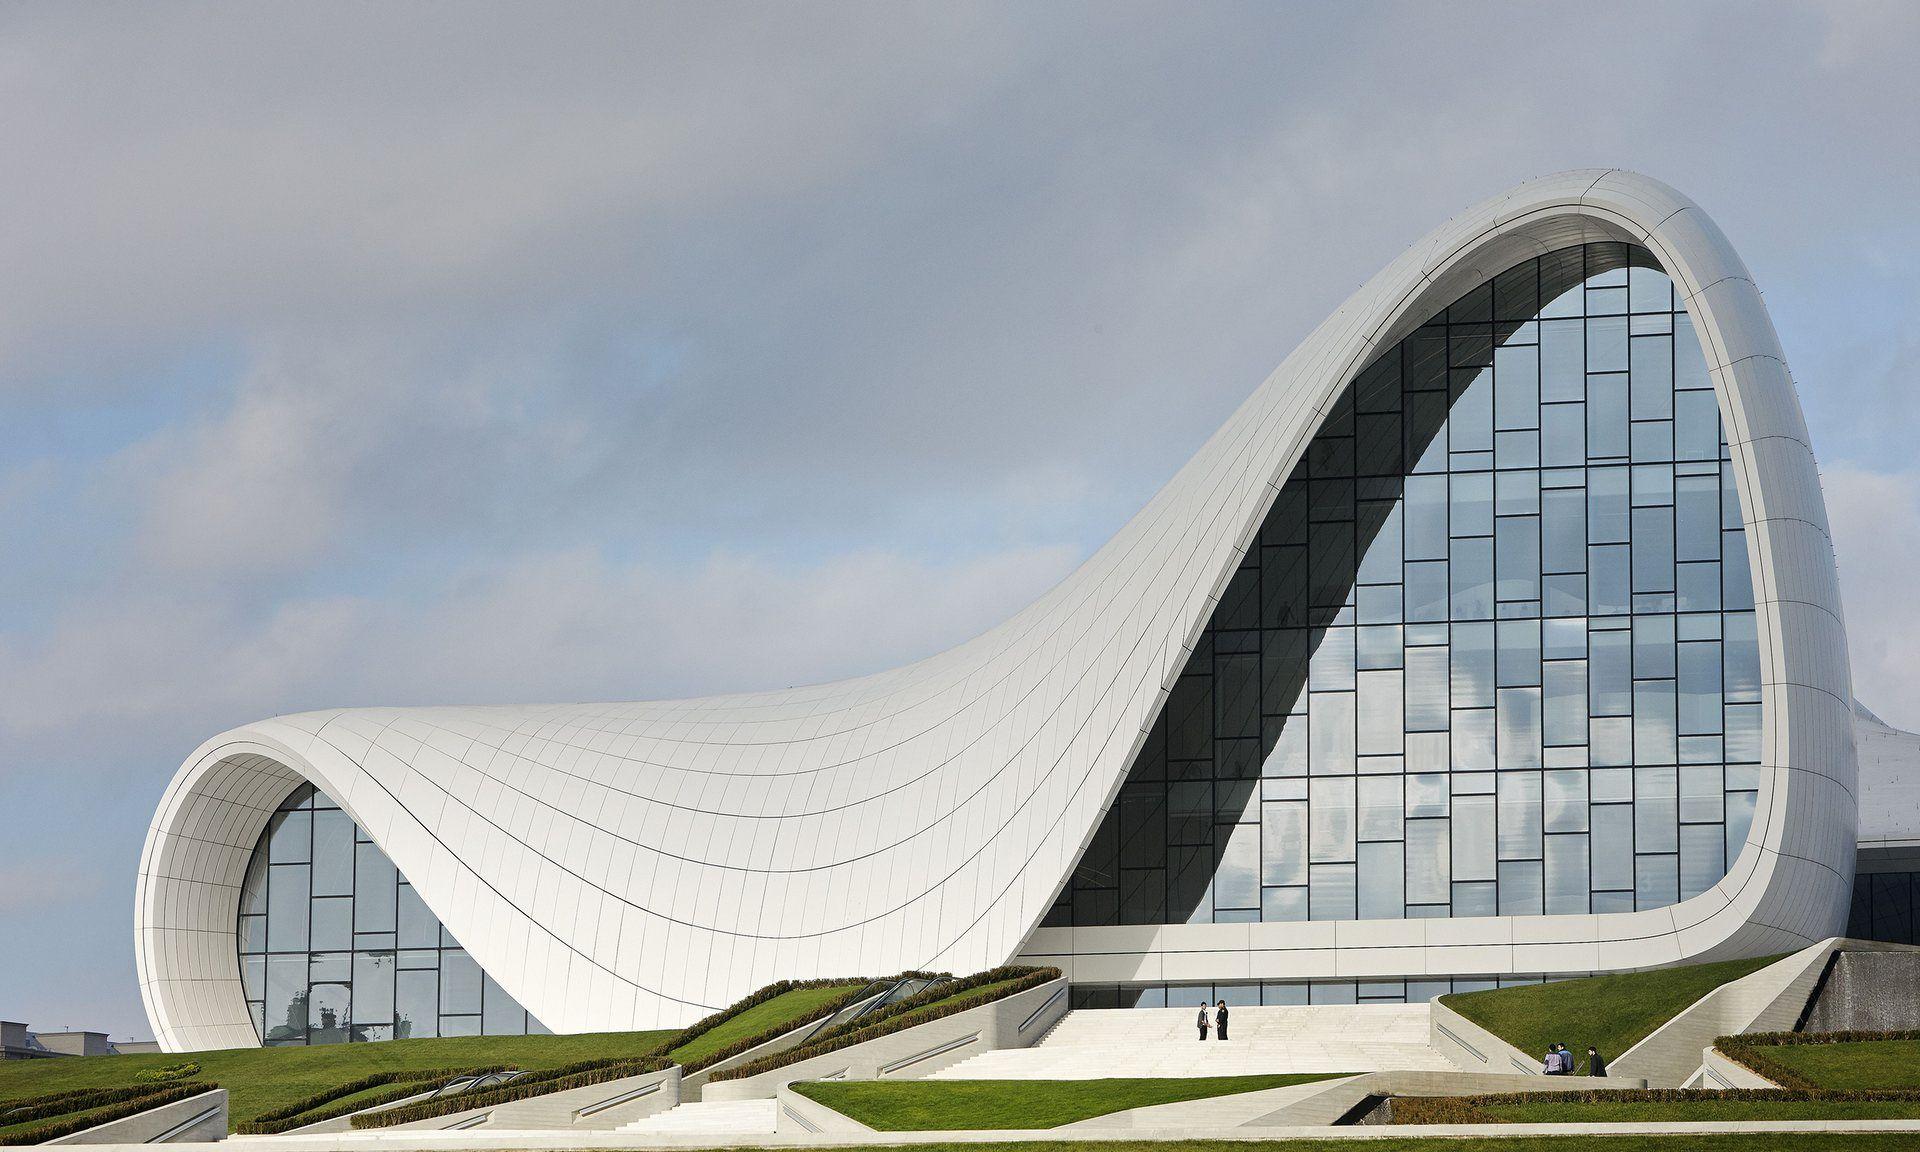 Nos sumamos al homenaje internacional a una gran figura de la #arquitectura   contemporánea: Zaha Hadid.  Nos queda su esencia y encomiable legado